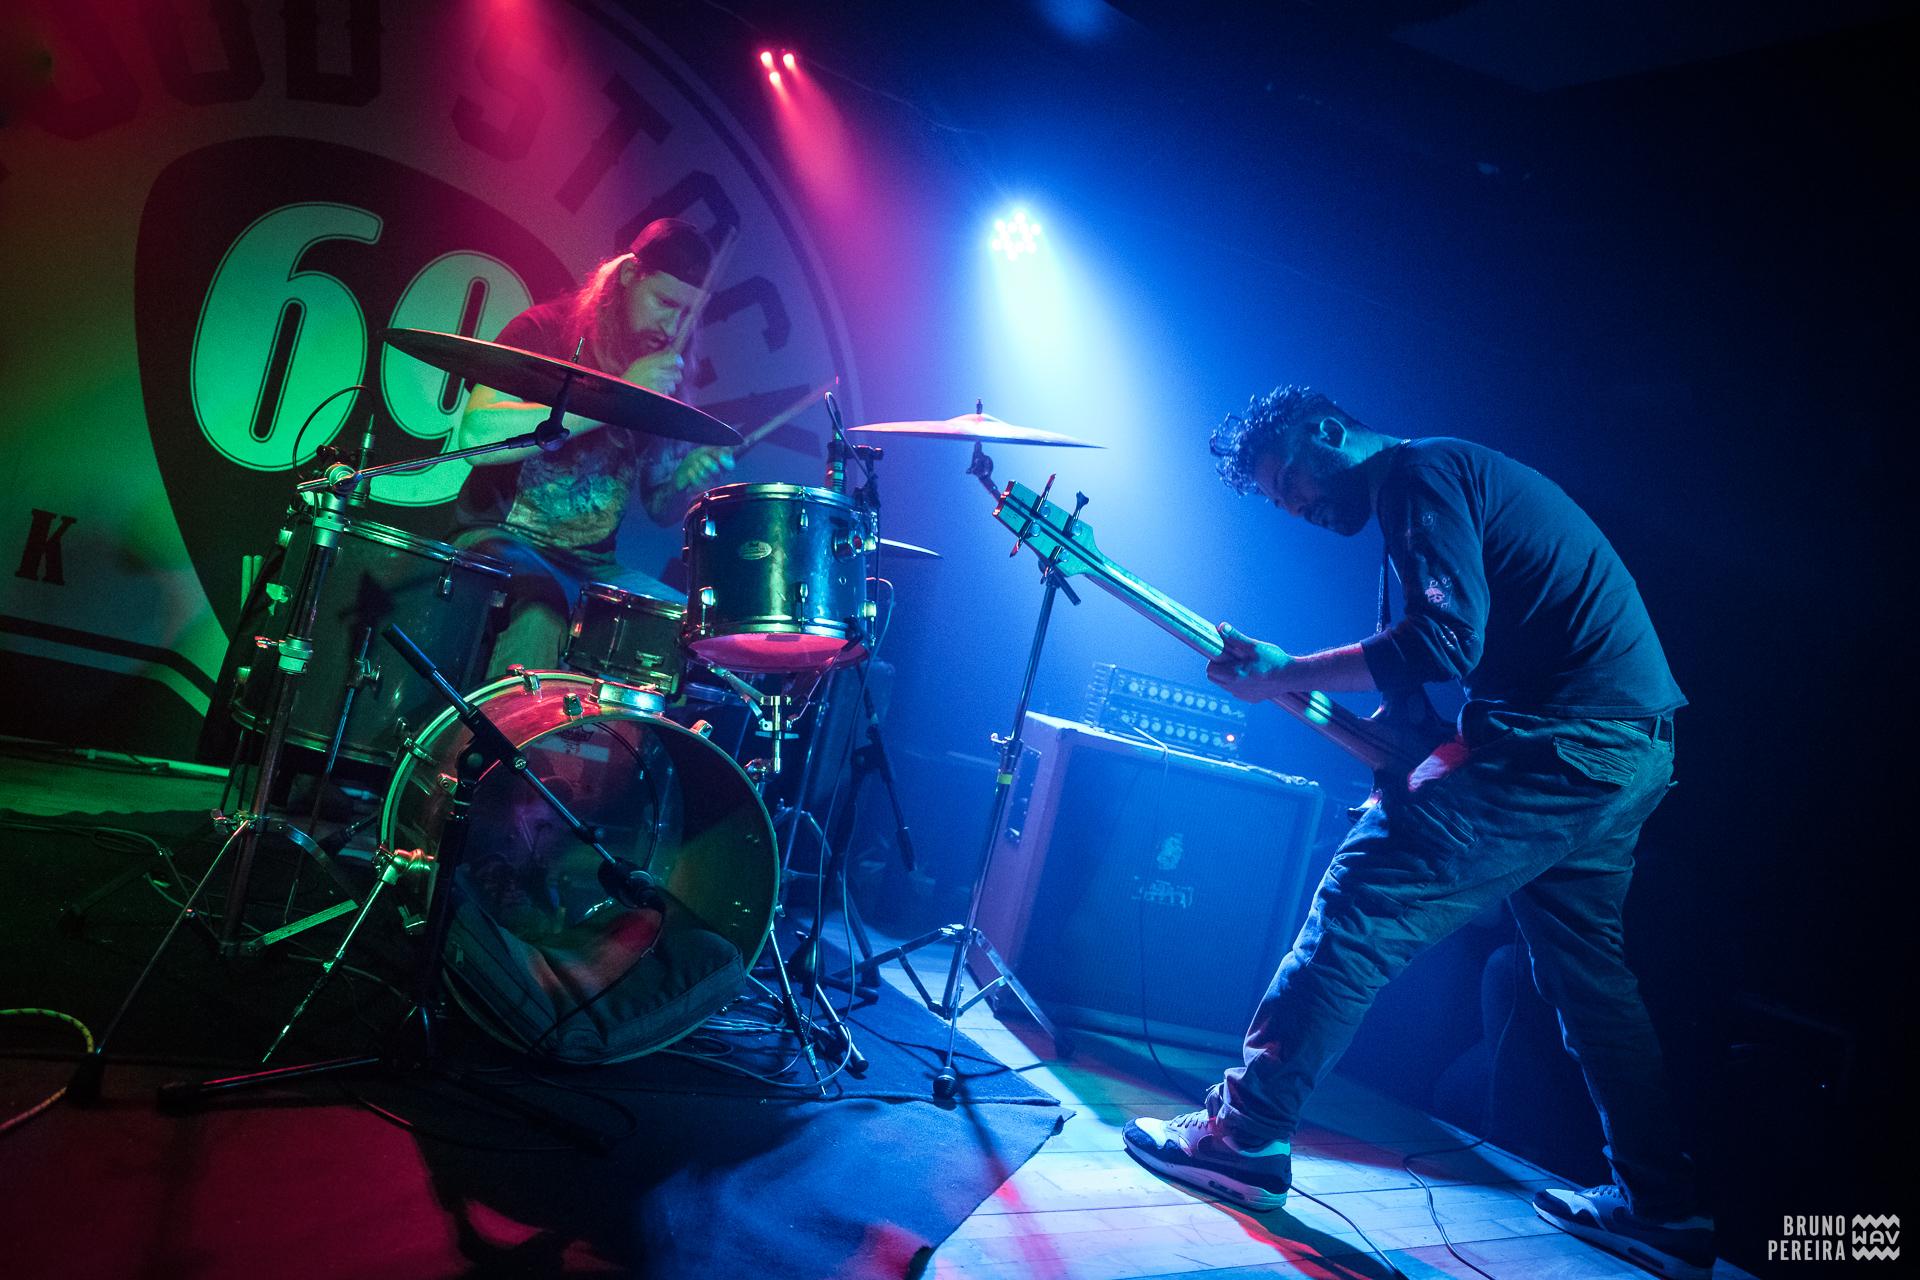 Slabdragger - Woodstock 69, Porto [18Jan2019] Foto-reportagem